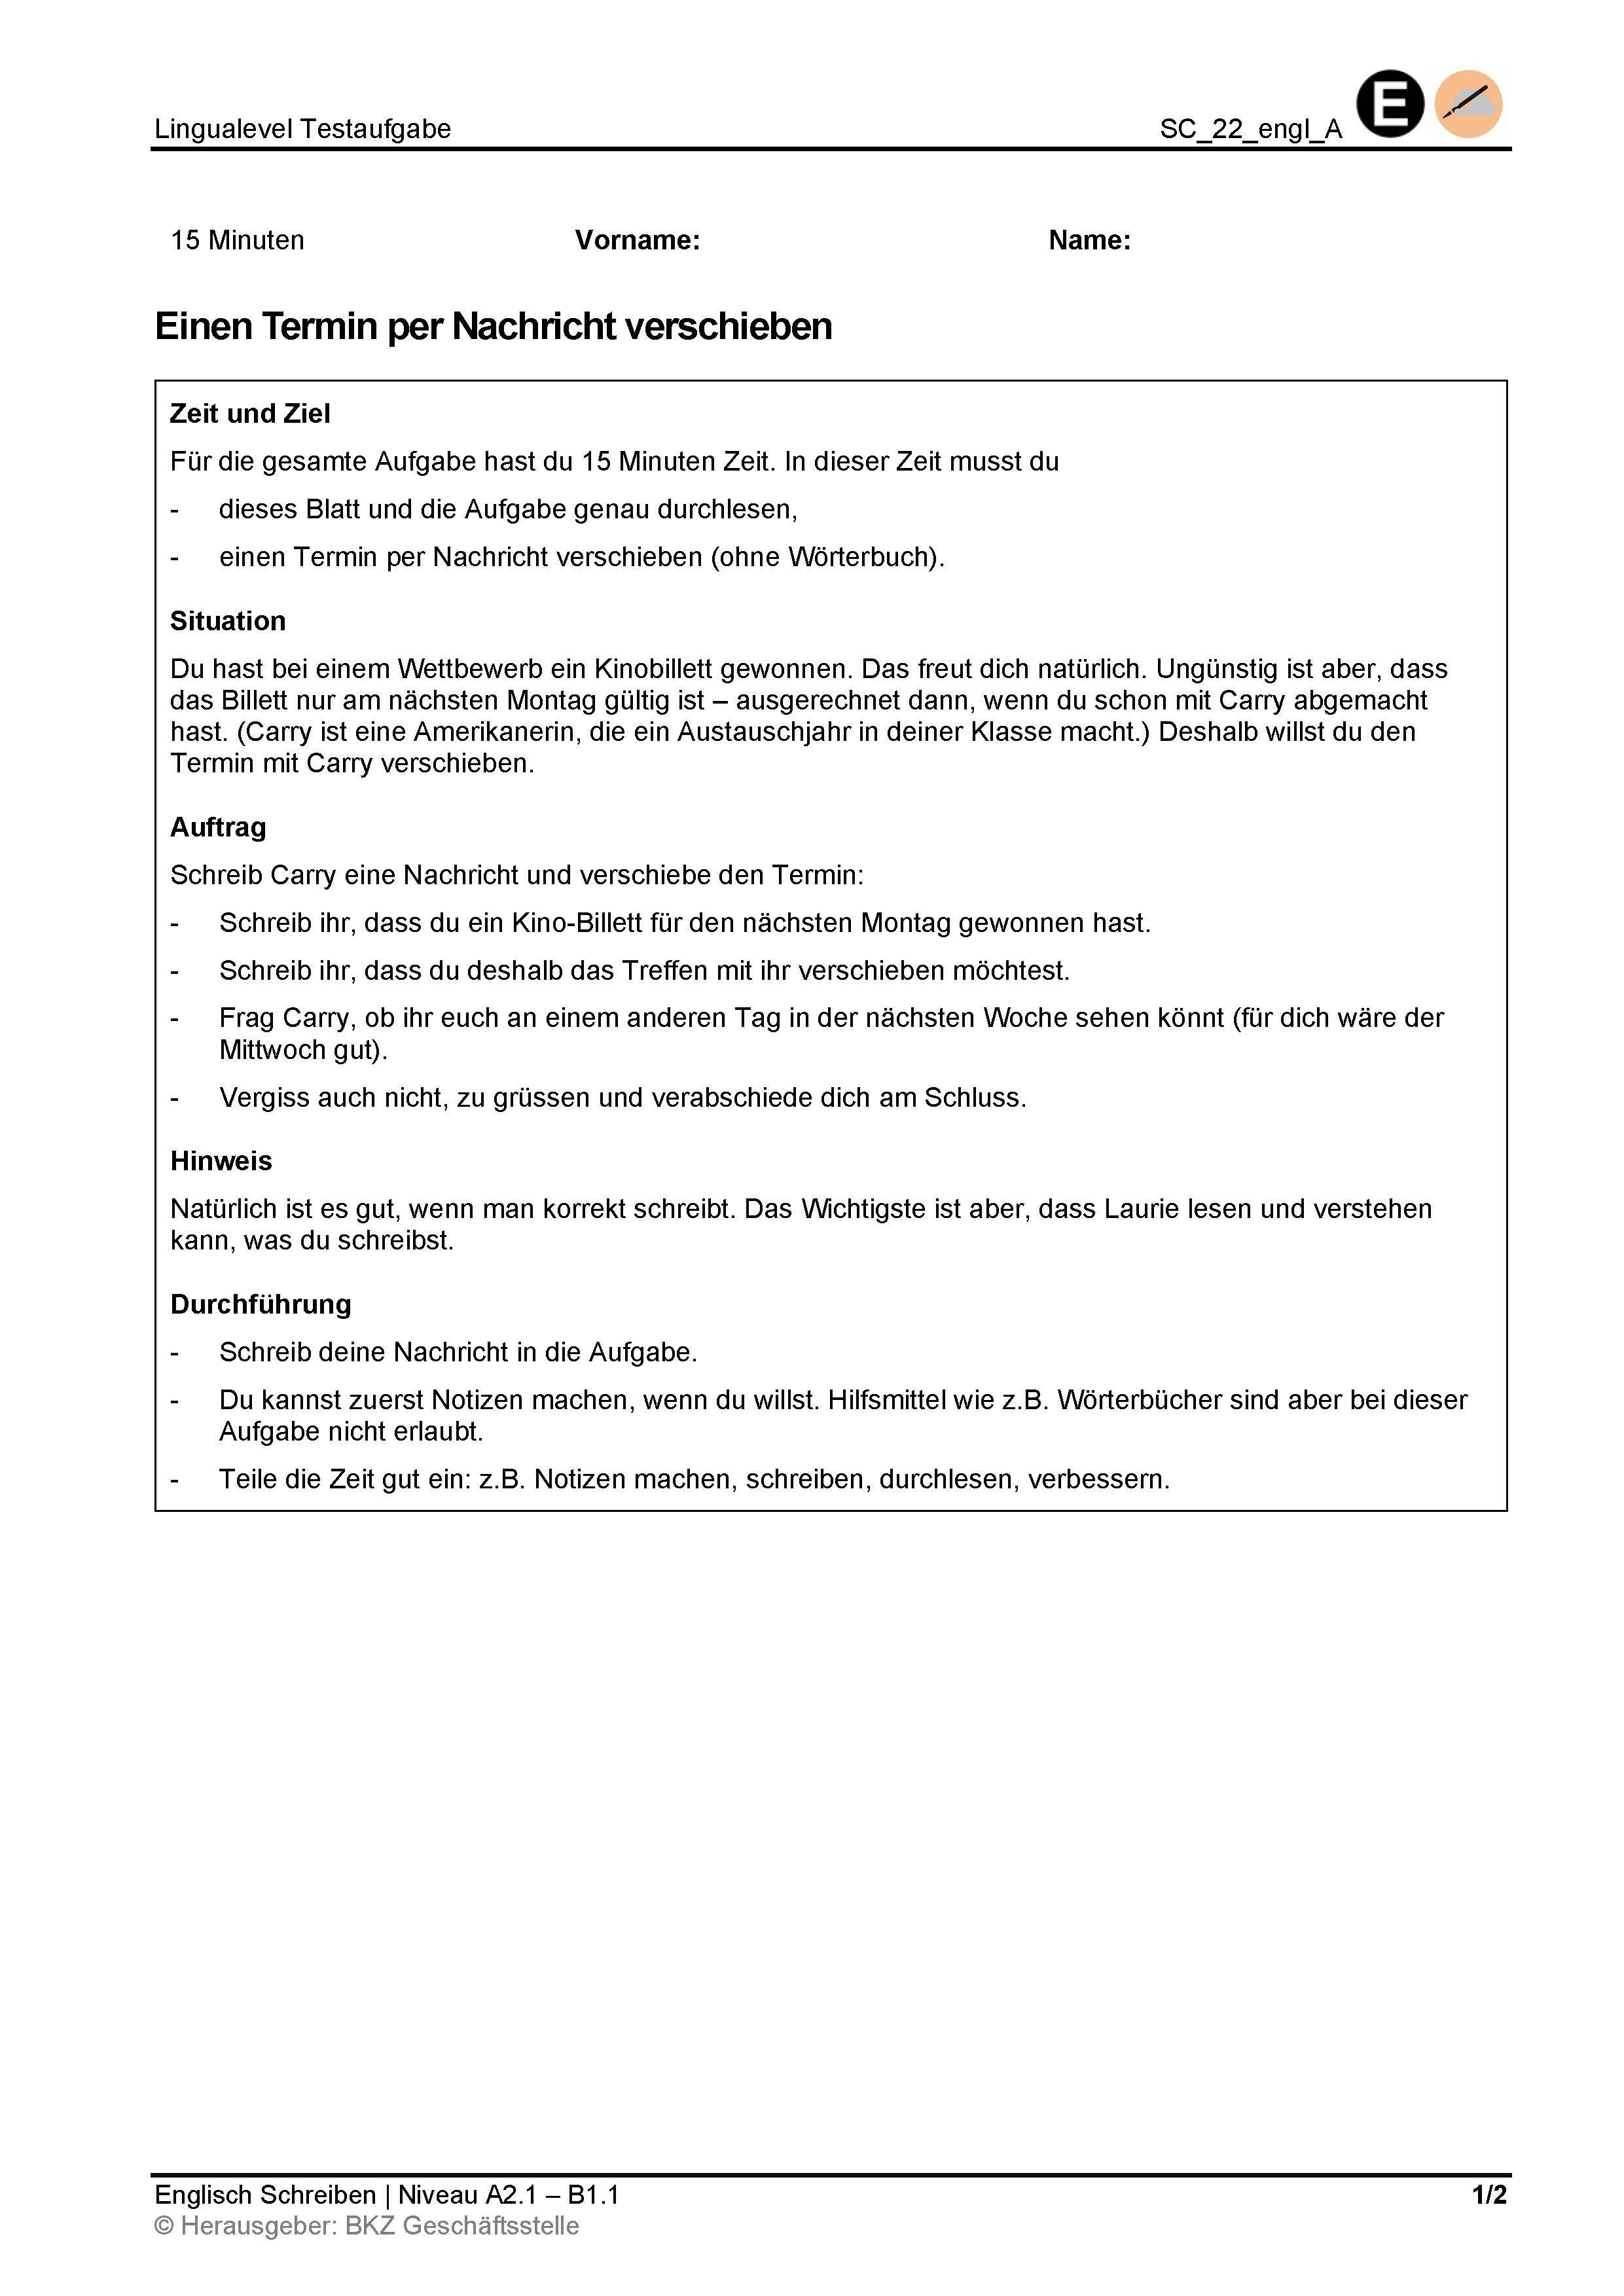 Preview image for LOM object Schreiben: Einen Termin per Nachricht verschieben